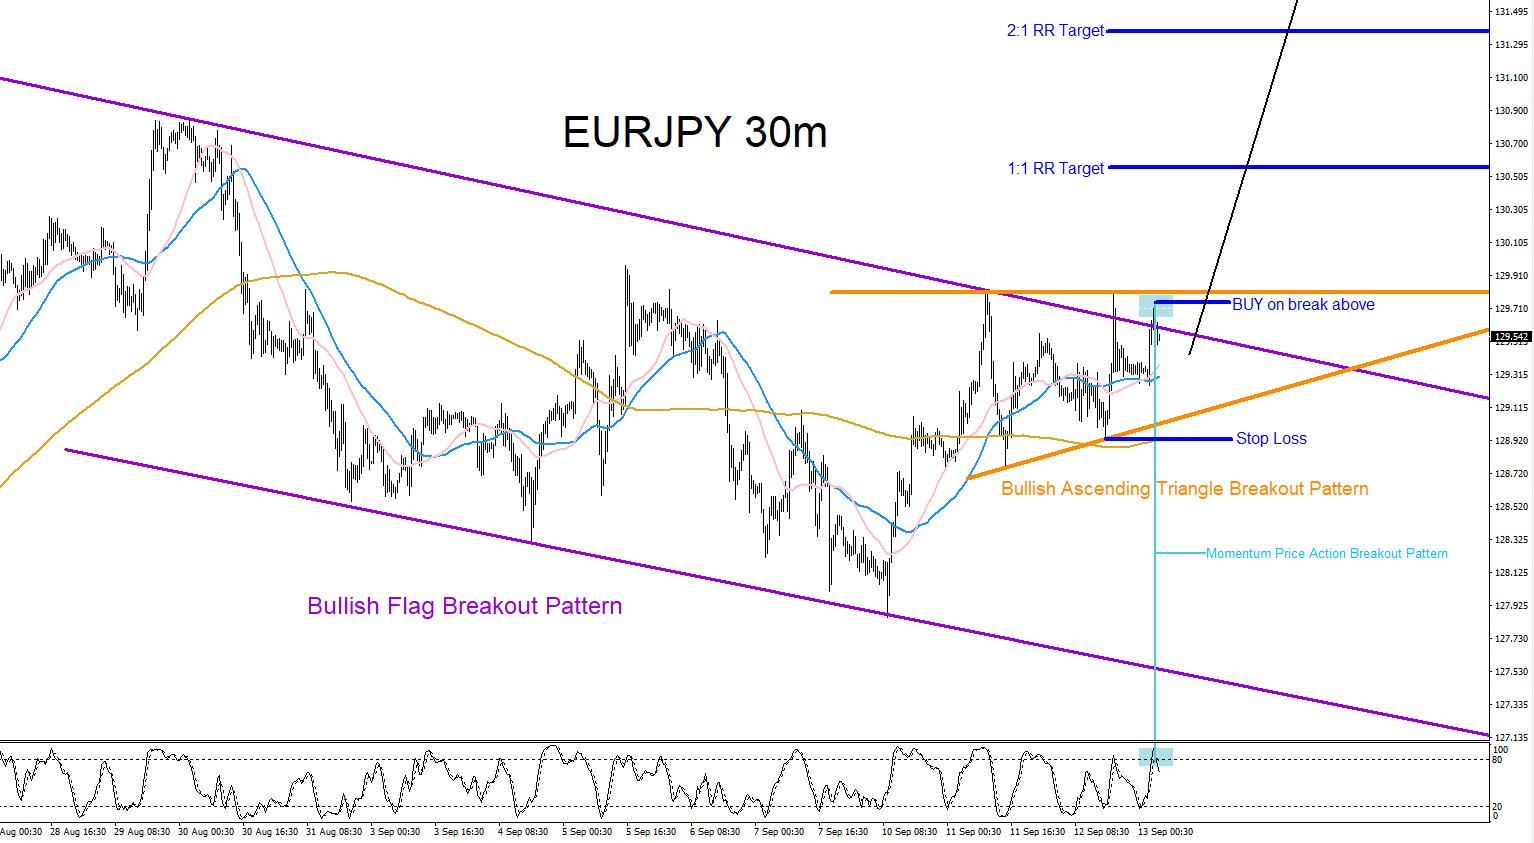 EURJPY : Trading Market Pattern Breakouts